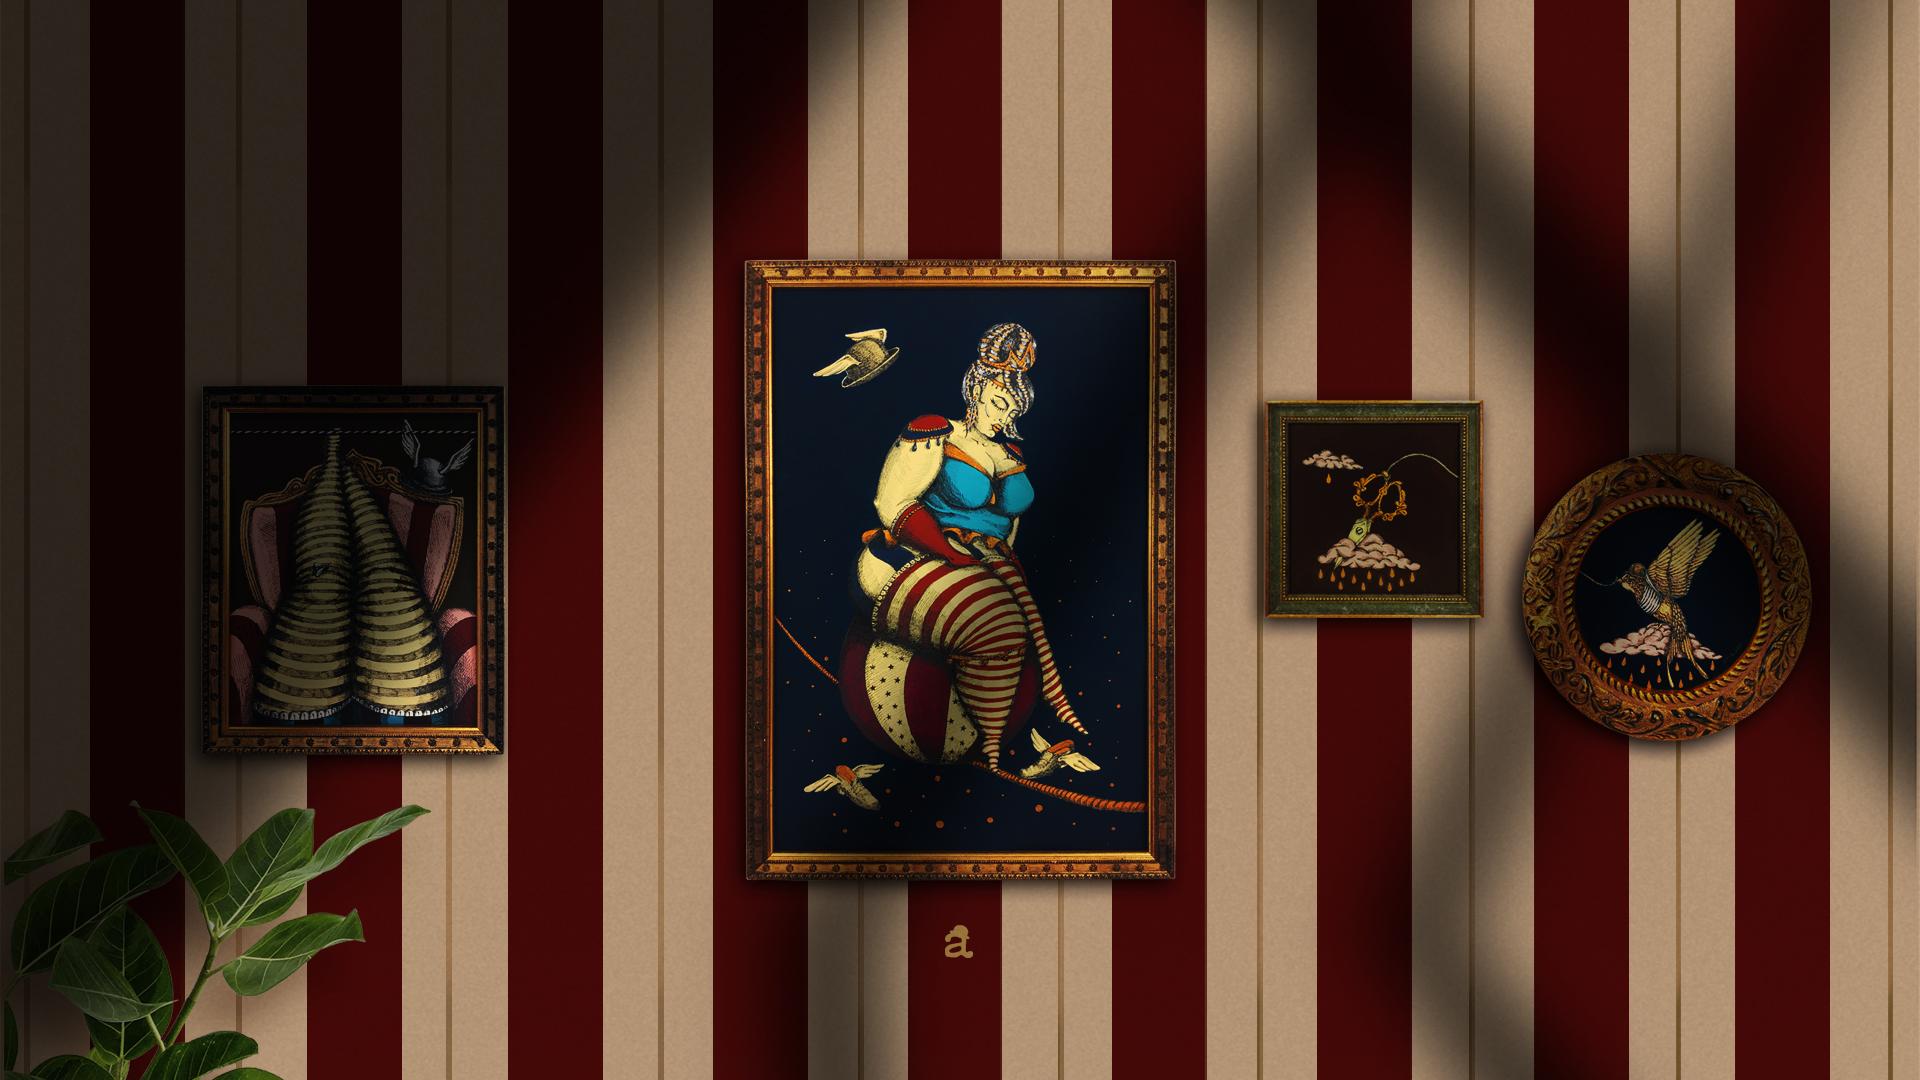 L'anima del circo